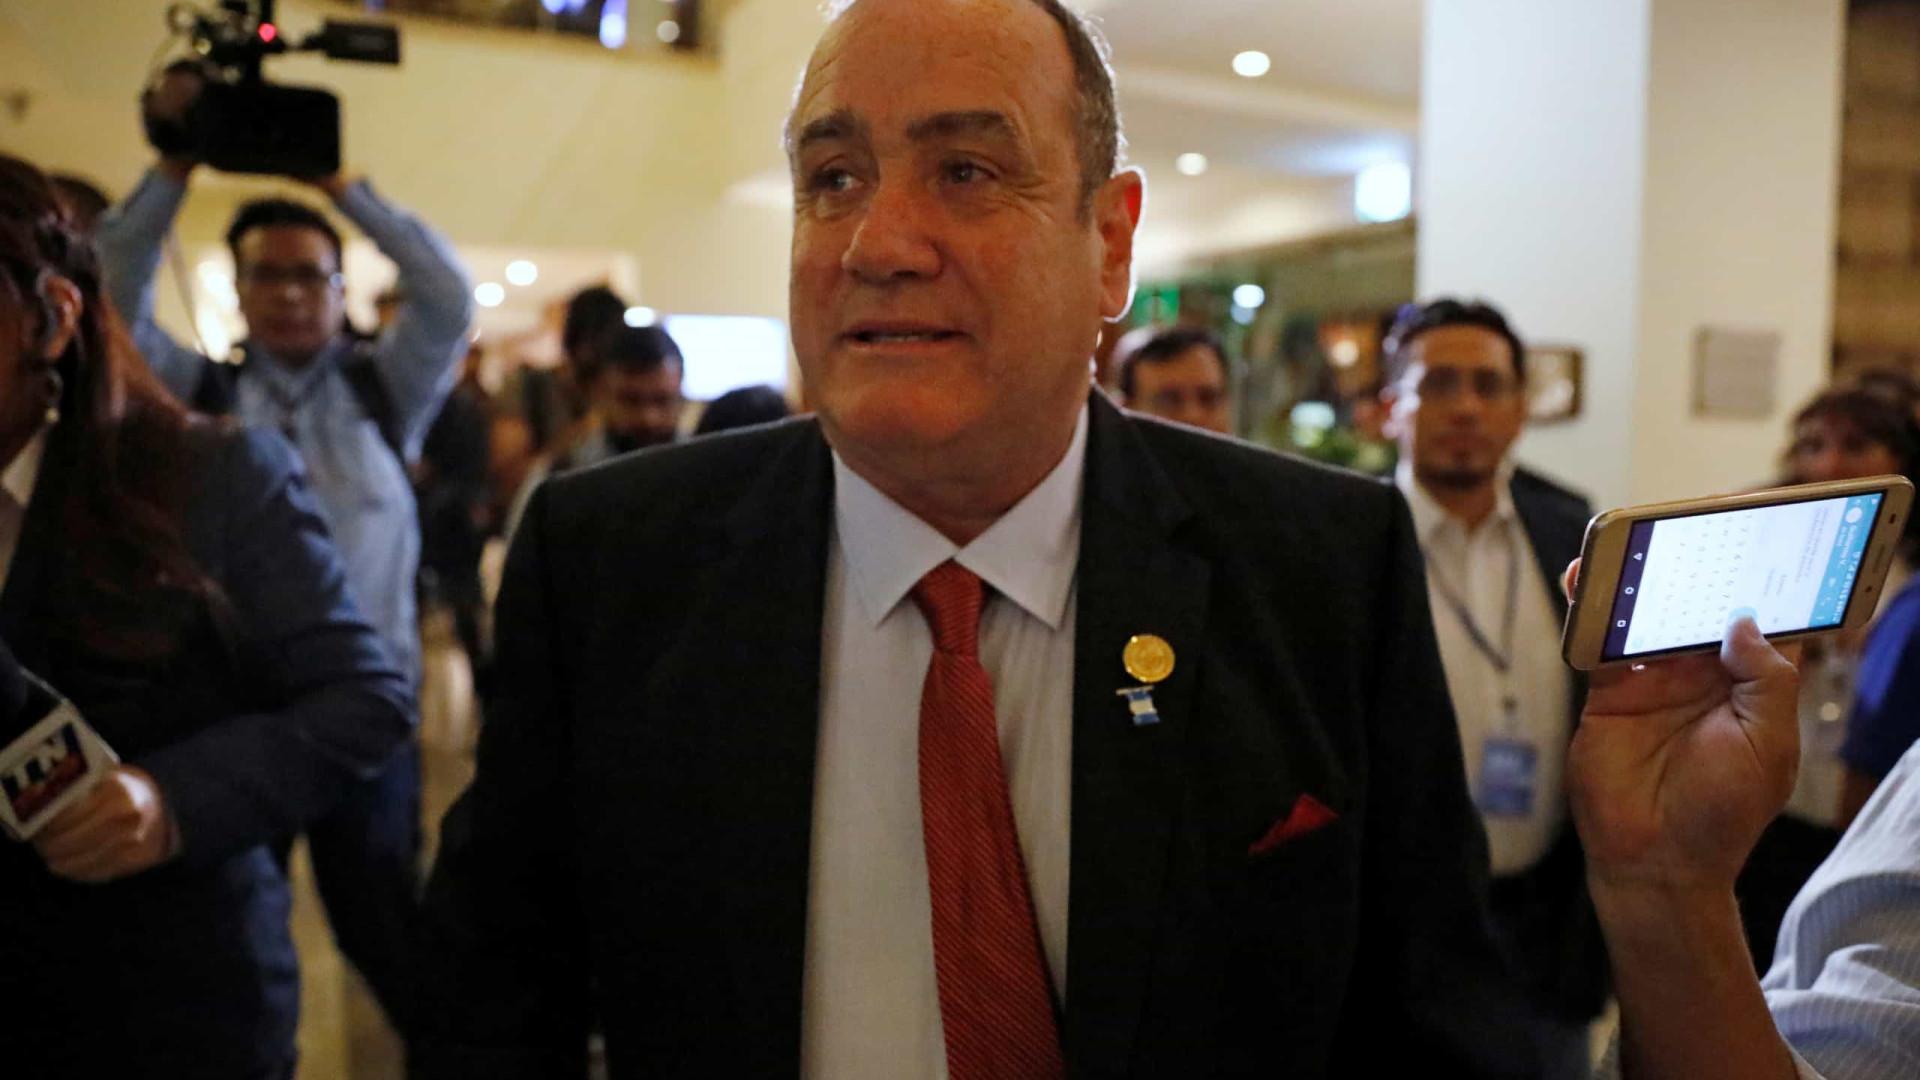 Alejandro Giammattei é eleito novo presidente da Guatemala